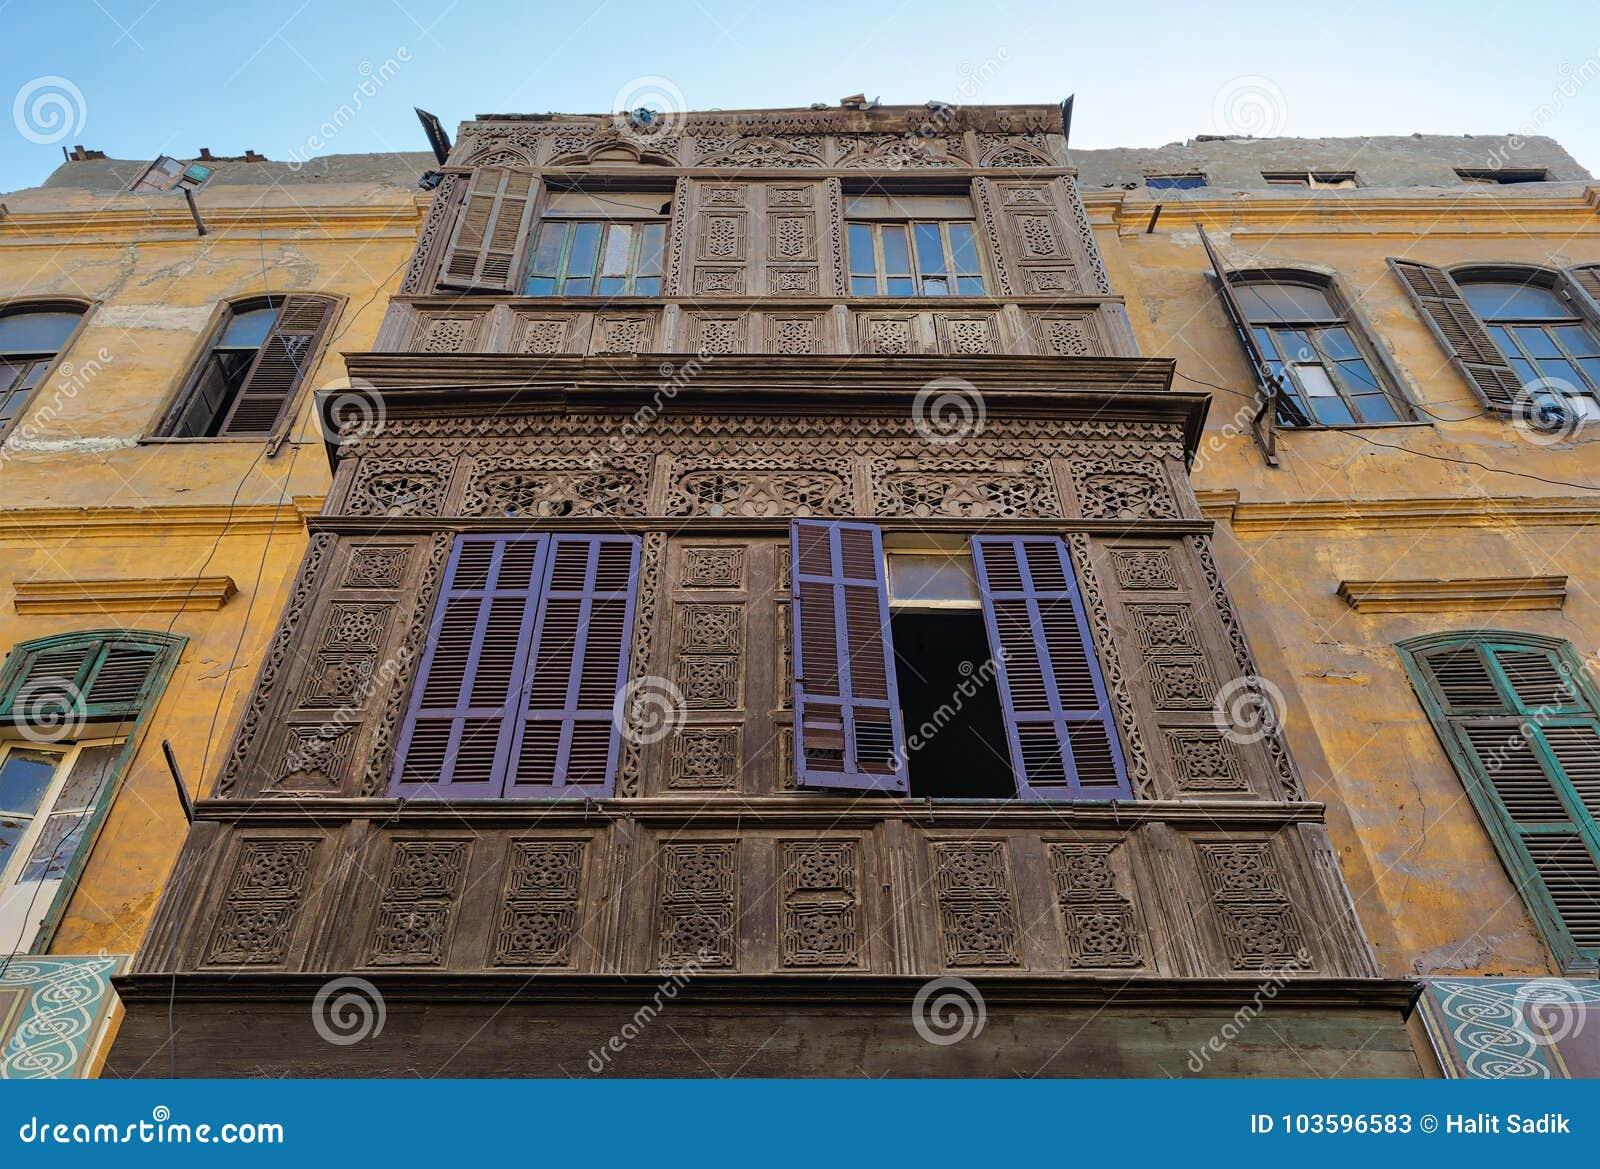 Fasada stary budynek mieszkalny z drewnianą ozdobną grawerującą ścianą, kolor żółty malował ściennego, i fiołek malował drewniany